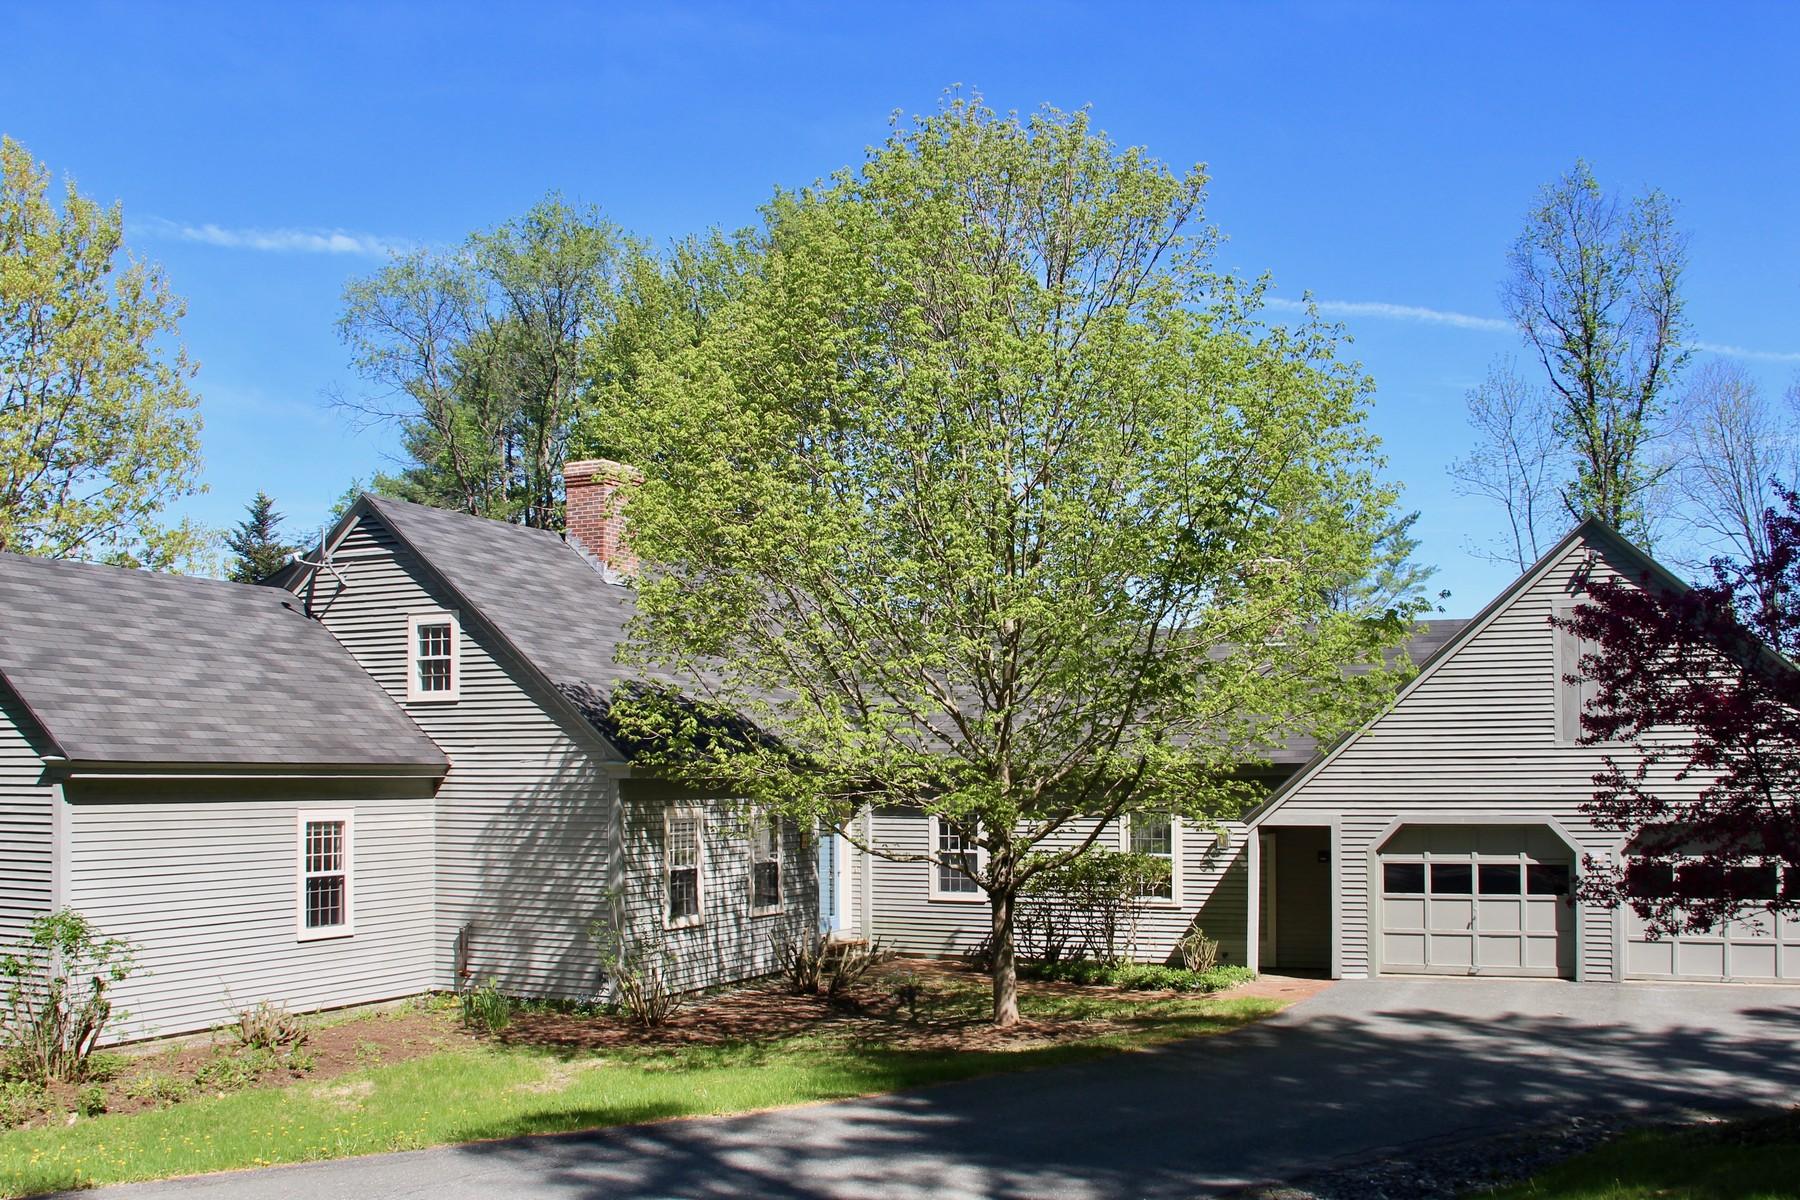 Tek Ailelik Ev için Satış at 1 Crestwood Lane, Hanover 1 Crestwood Ln Hanover, New Hampshire, 03755 Amerika Birleşik Devletleri